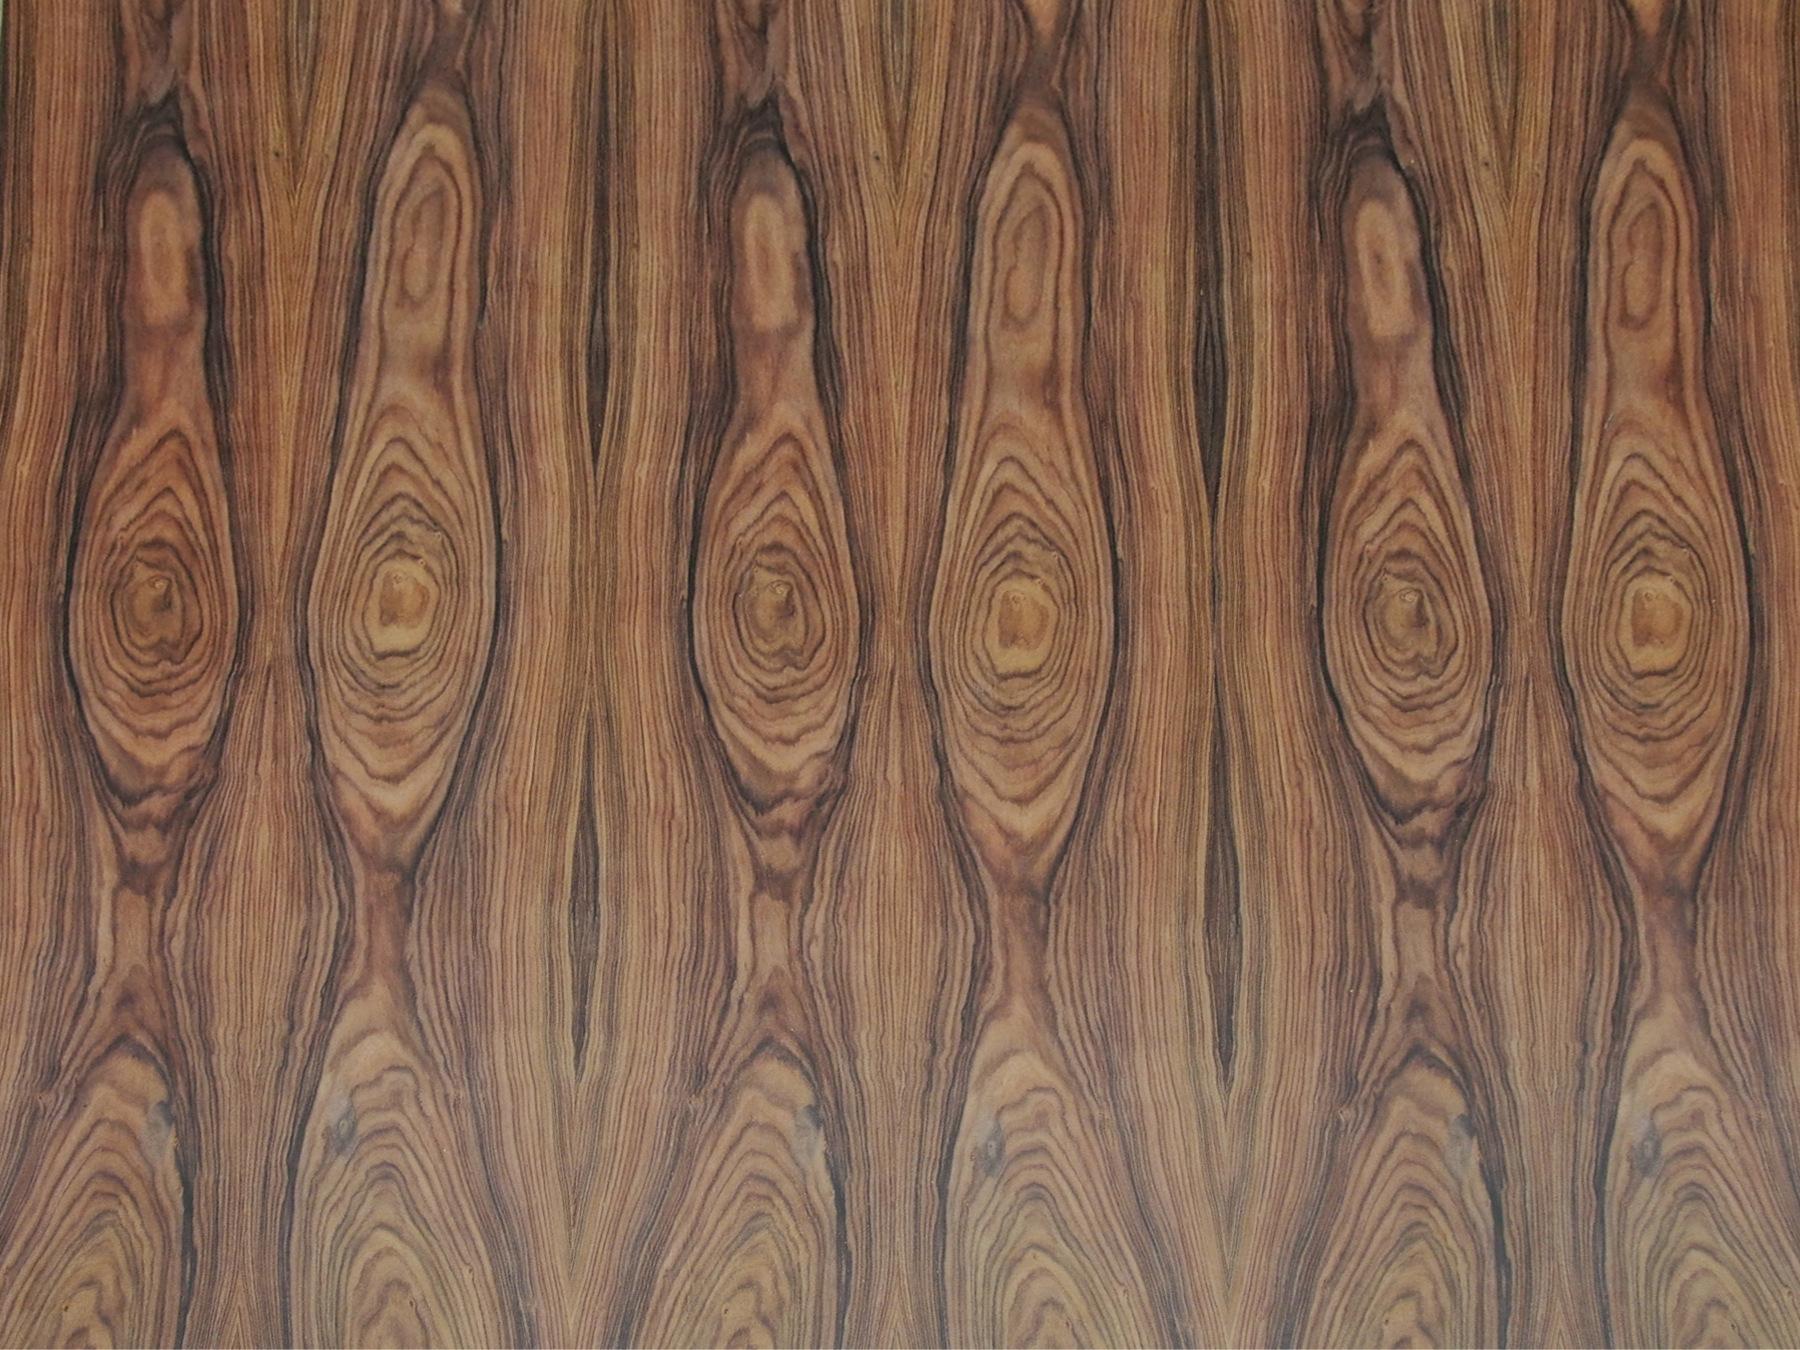 巴西酸枝纯天然木皮饰面板 高档装饰材料批发 板材专家推荐